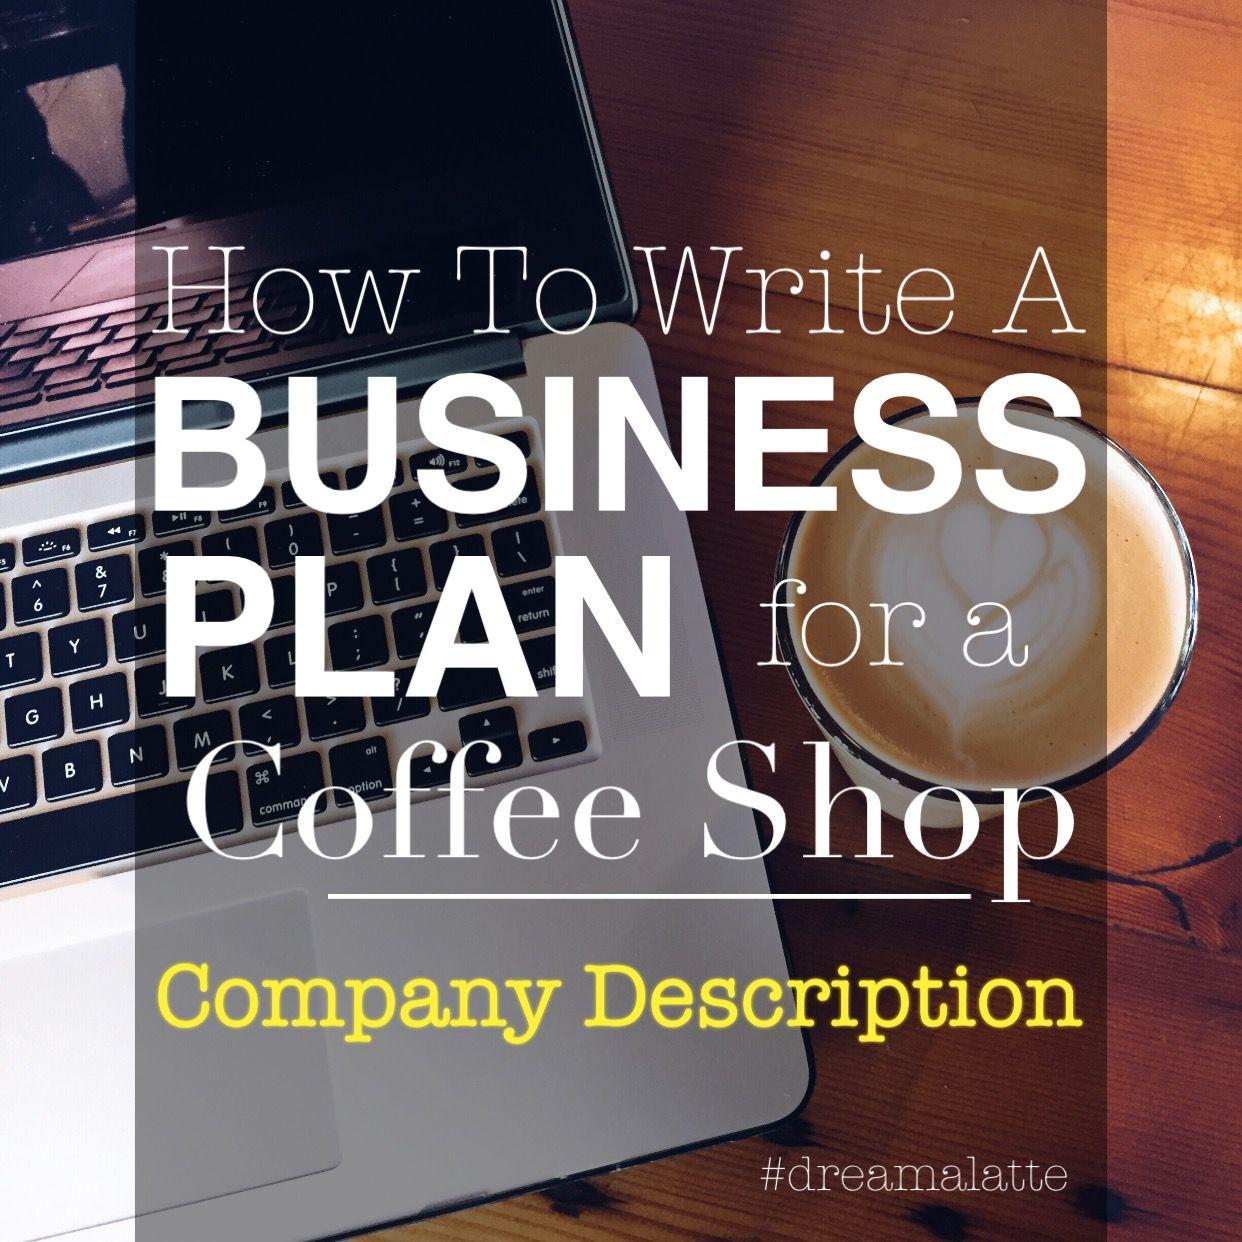 Coffee shop business plan company description coffee shop how to write a company description for a coffee shop business plan dreamalatte cheaphphosting Gallery